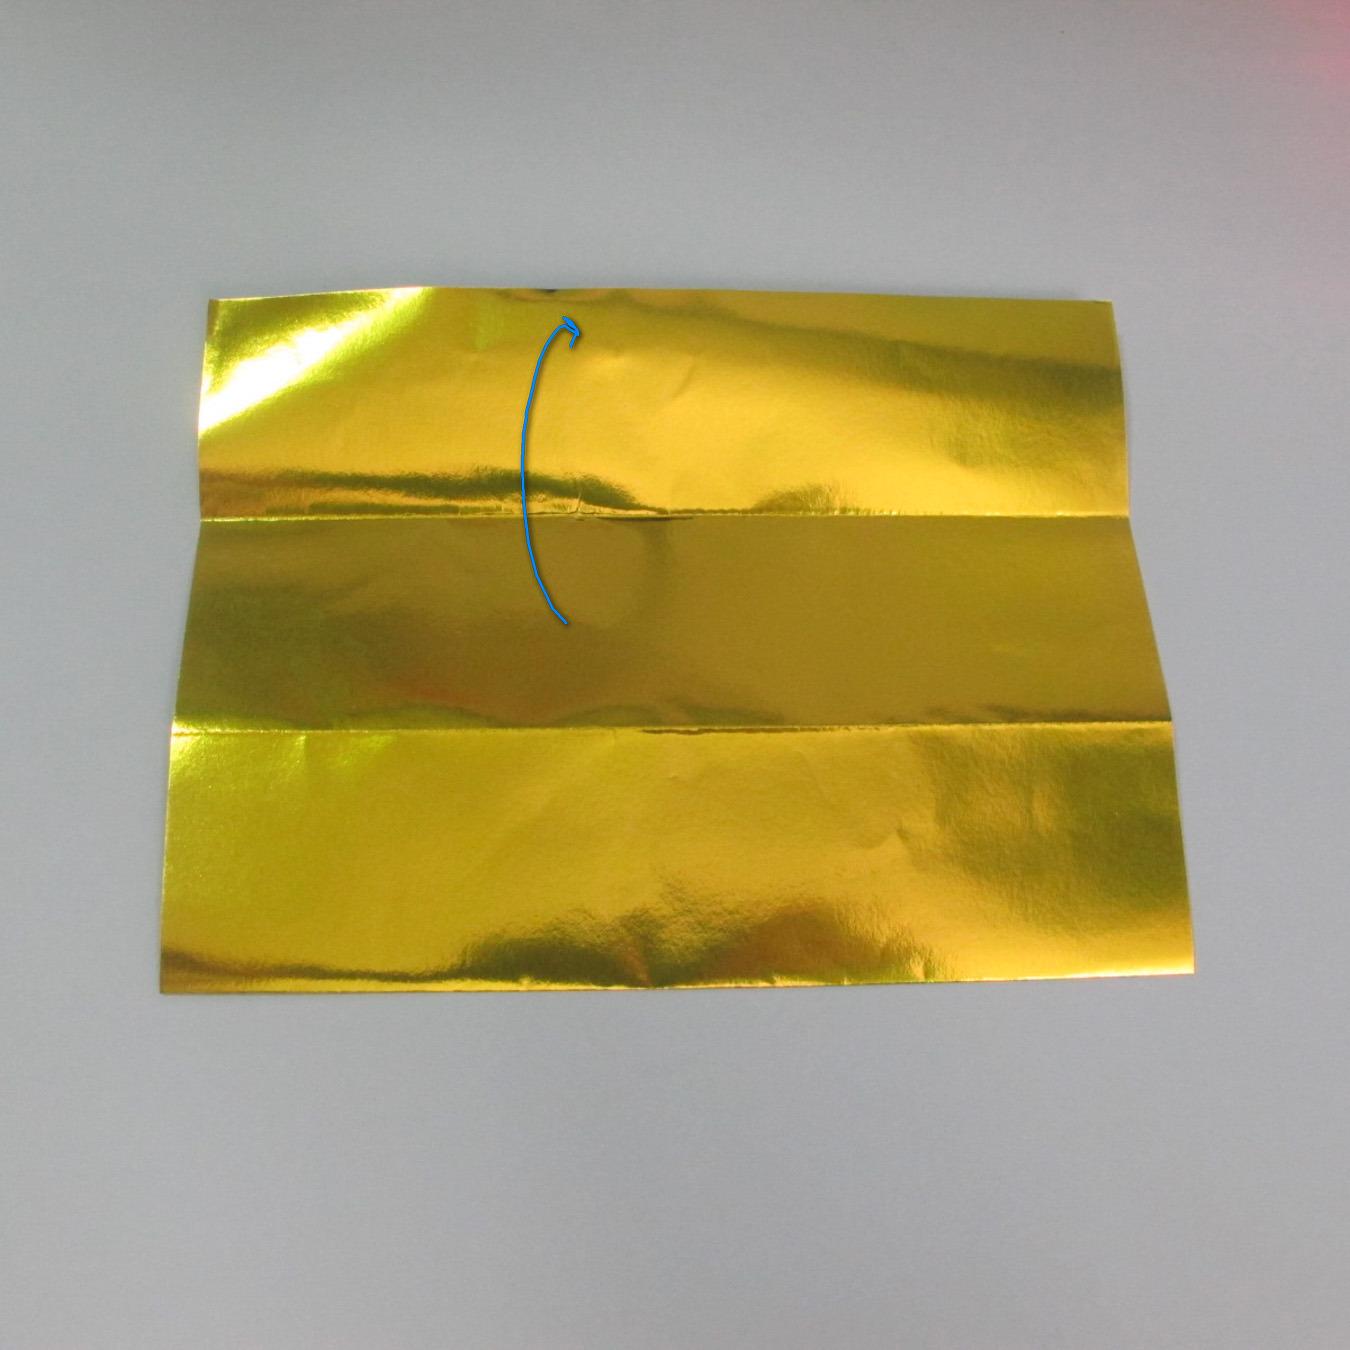 วิธีพับกระดาษเป็นรูปหัวใจติดปีก (Heart Wing Origami) 006